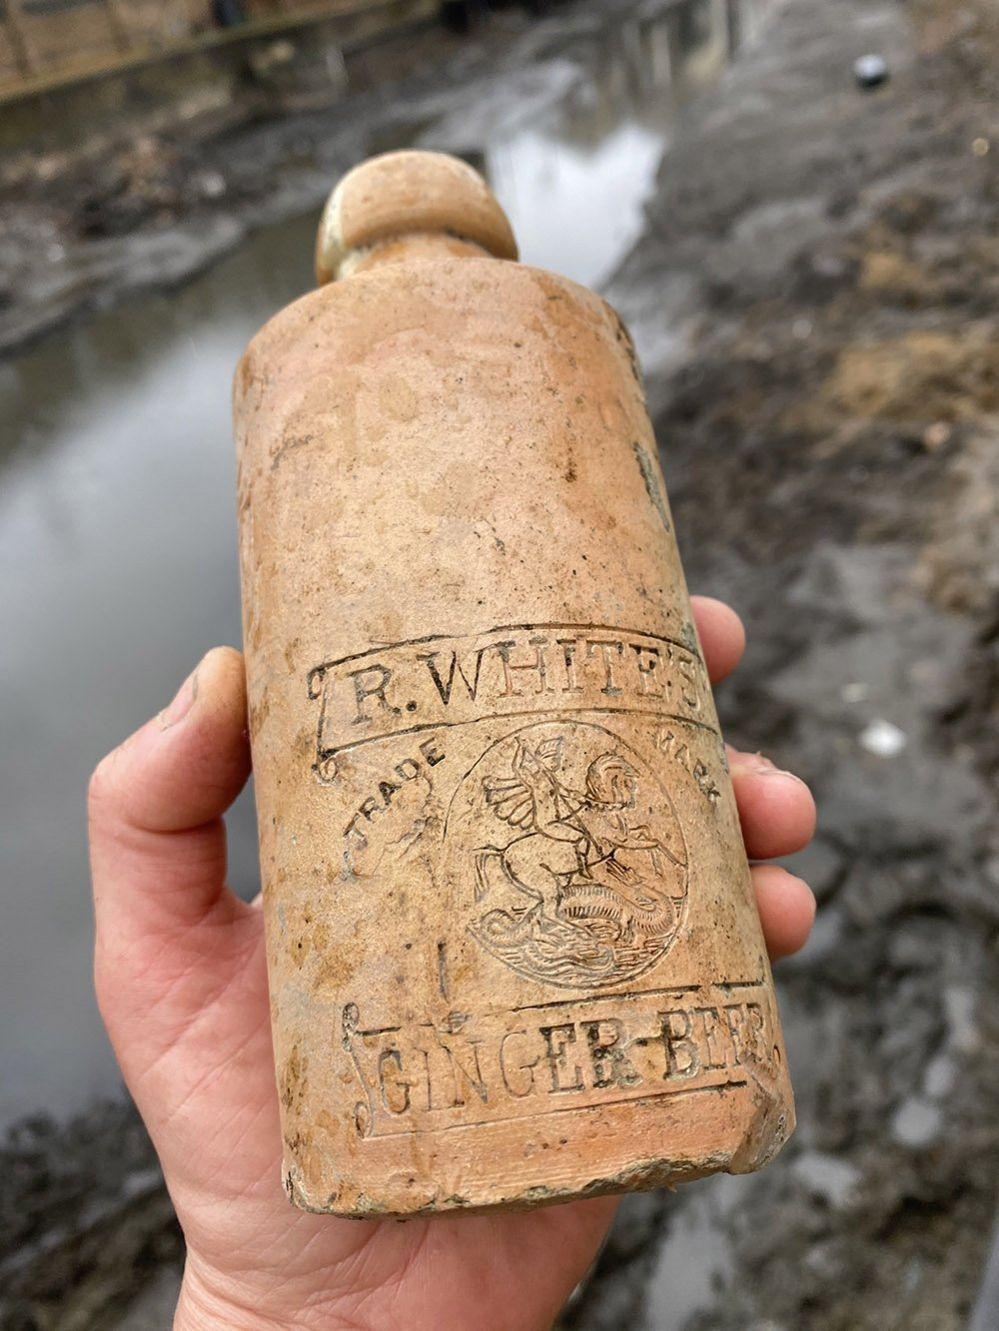 R White's ginger beer bottle